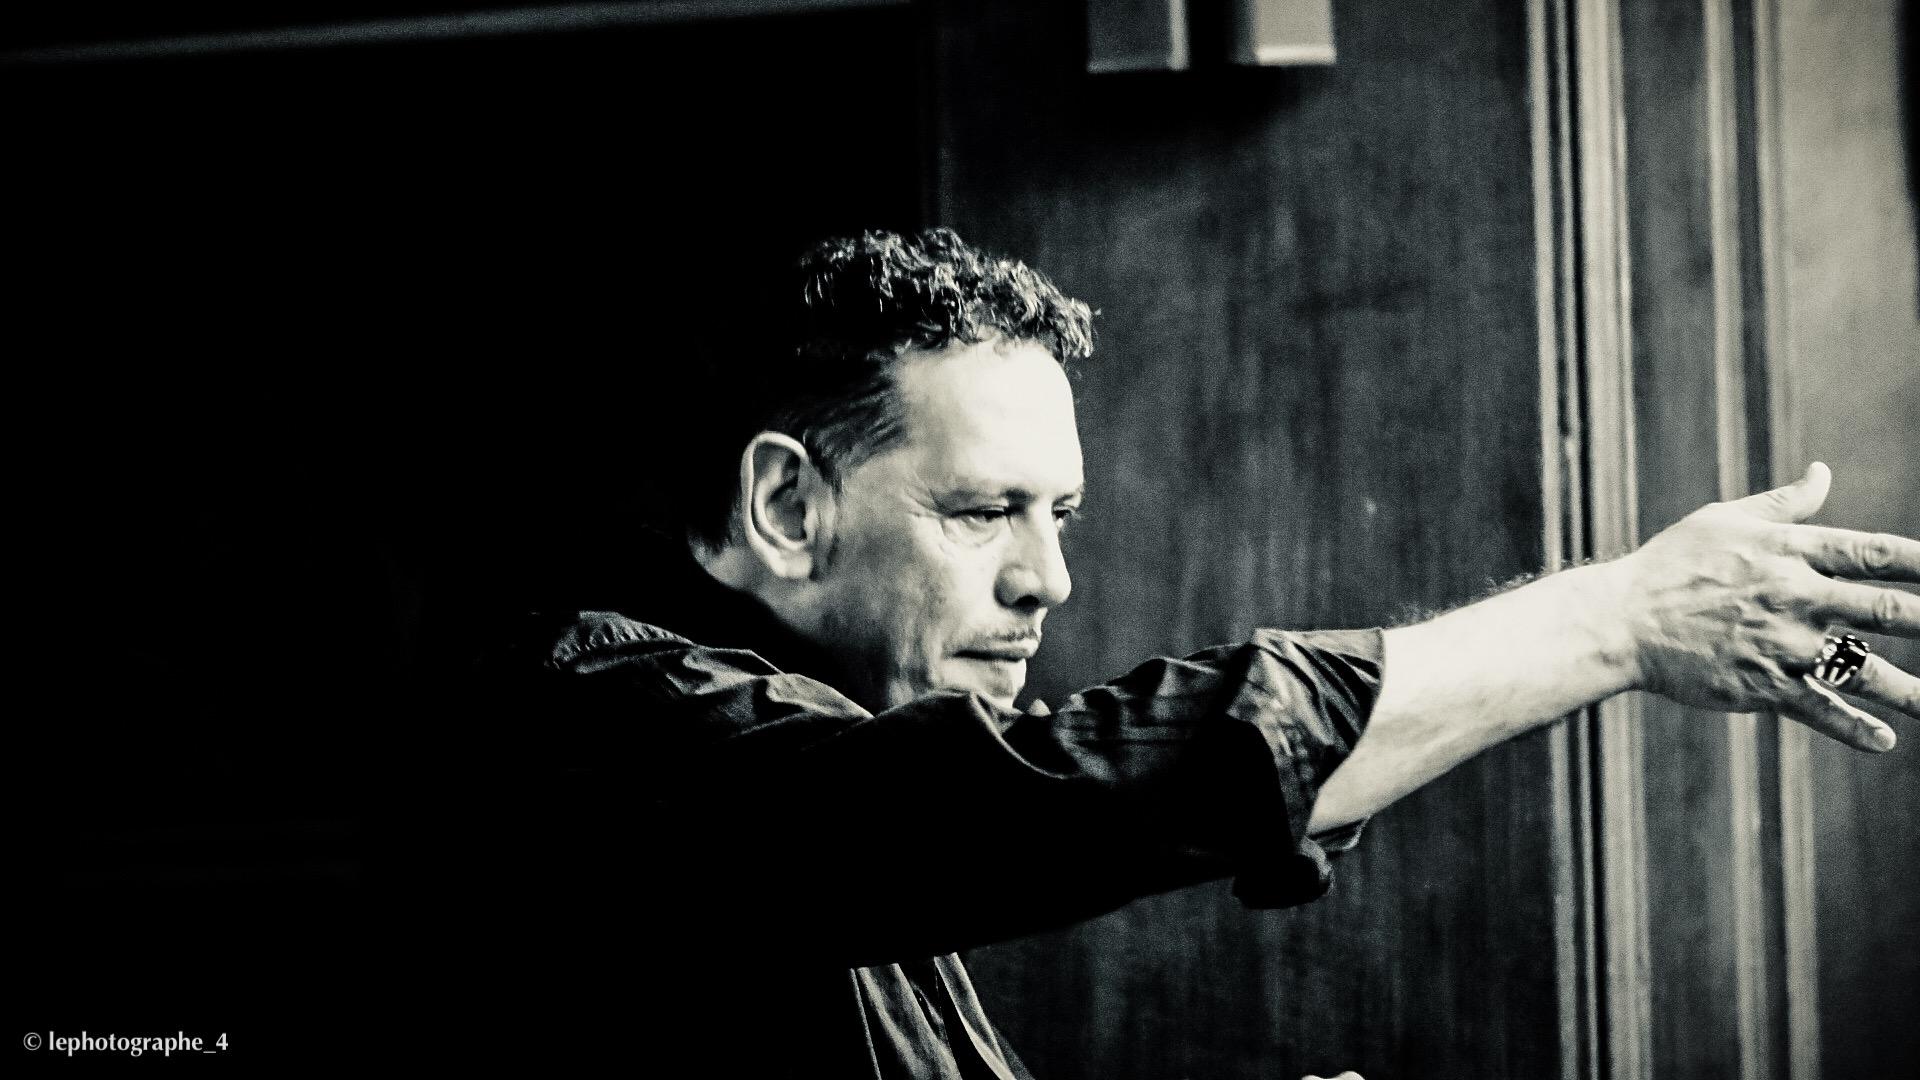 Eric Tavelli